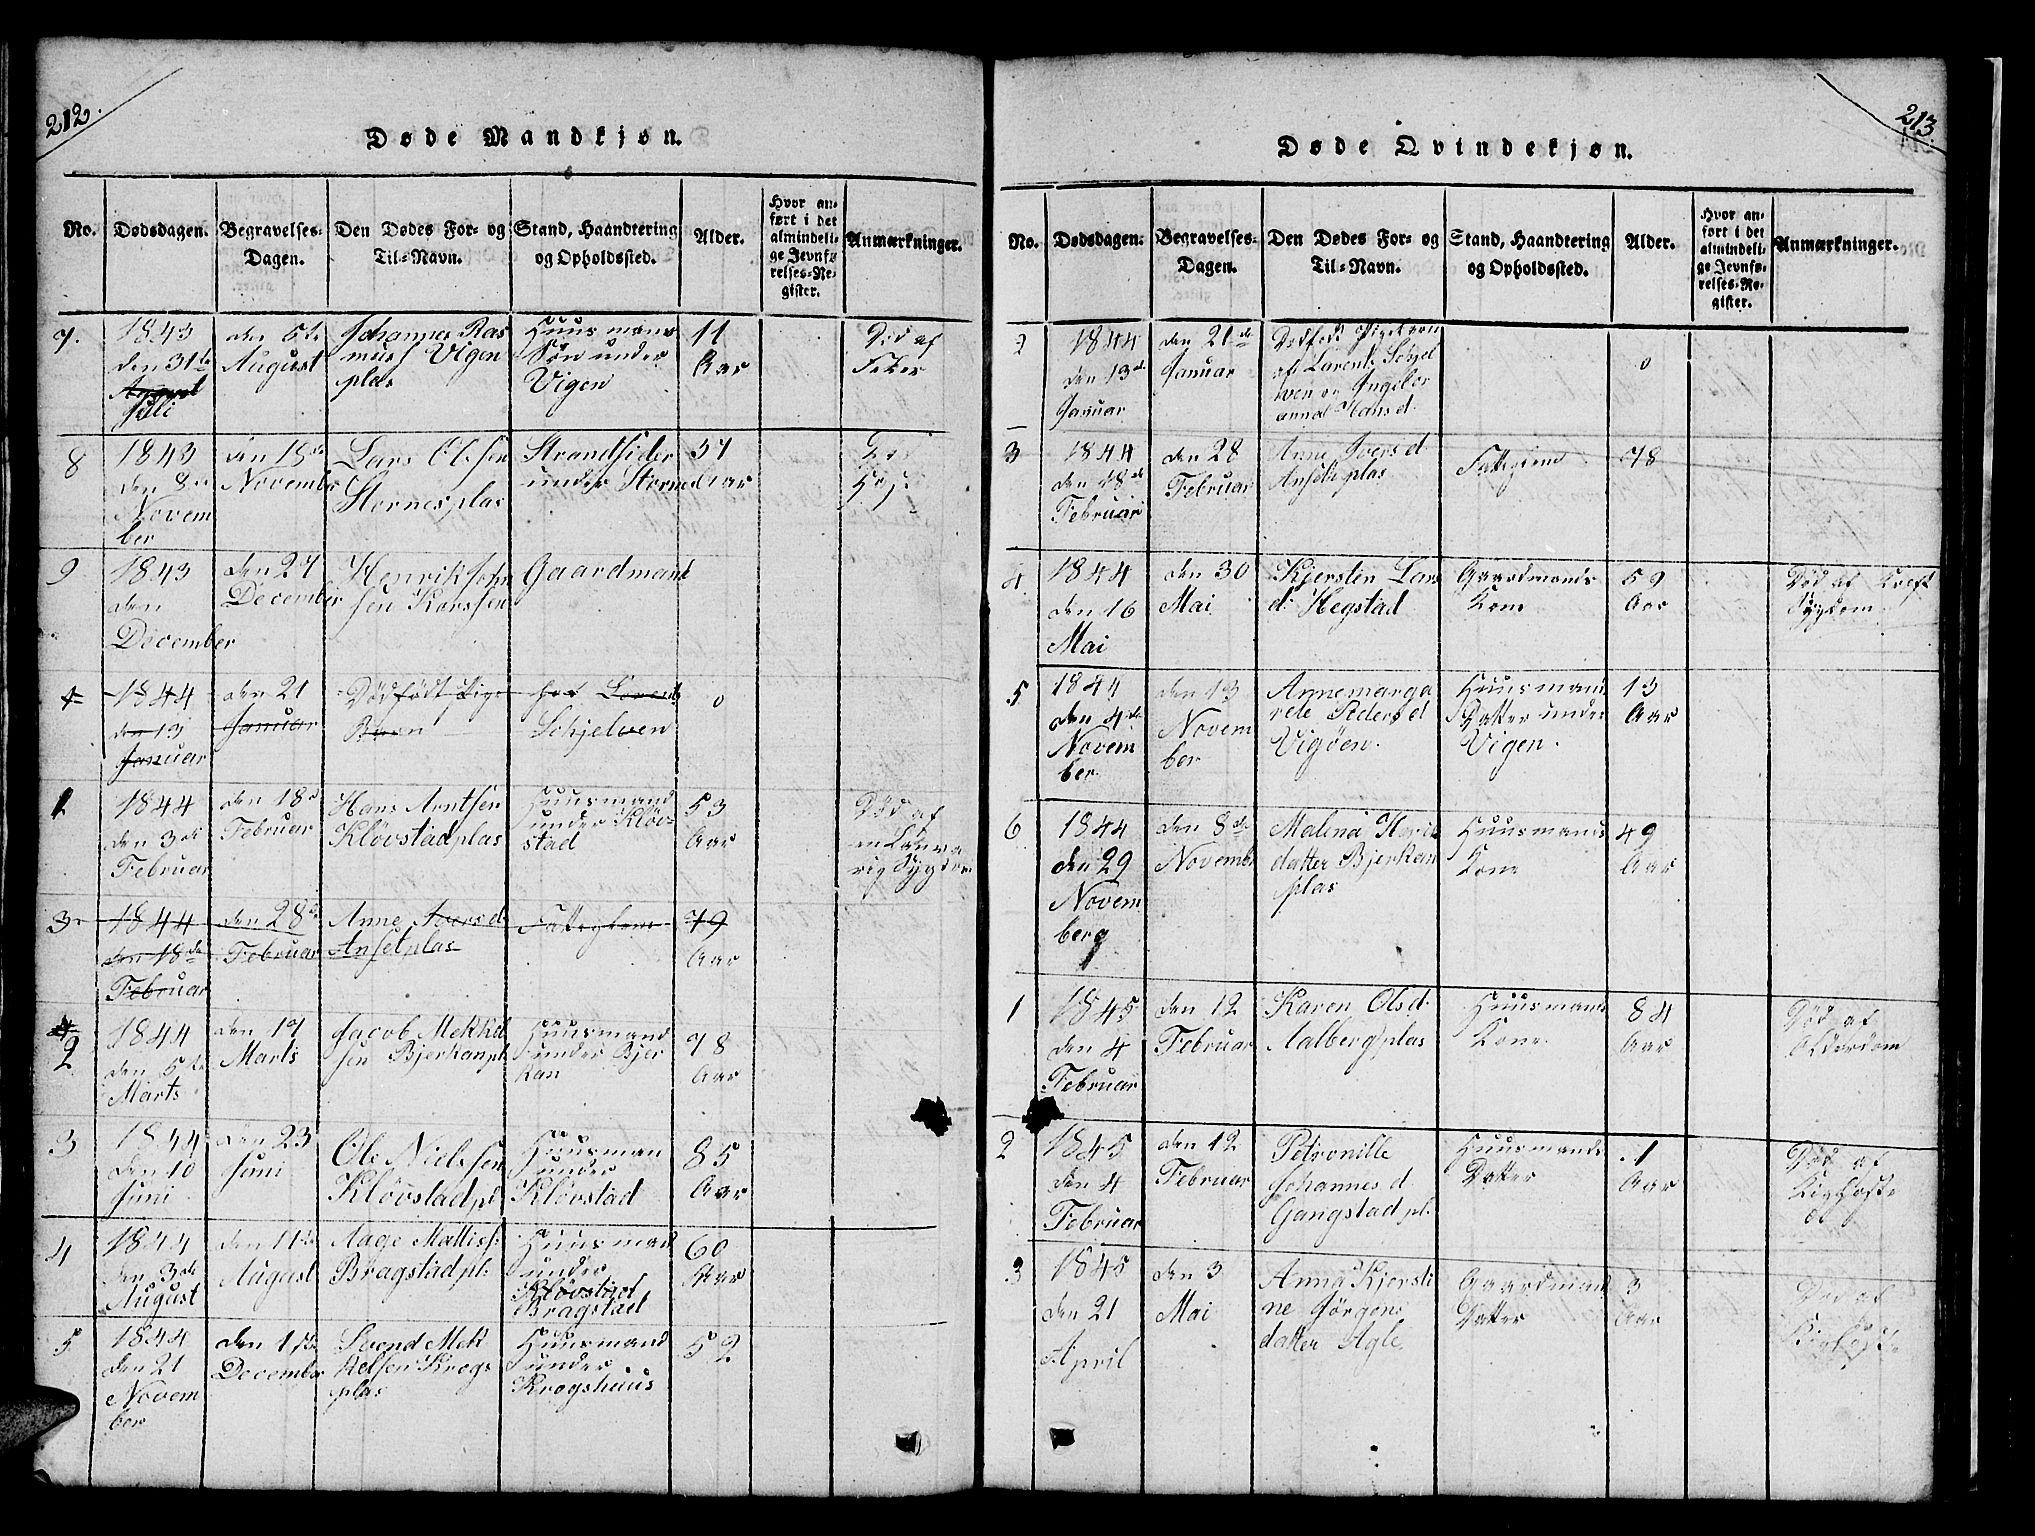 SAT, Ministerialprotokoller, klokkerbøker og fødselsregistre - Nord-Trøndelag, 732/L0317: Klokkerbok nr. 732C01, 1816-1881, s. 212-213